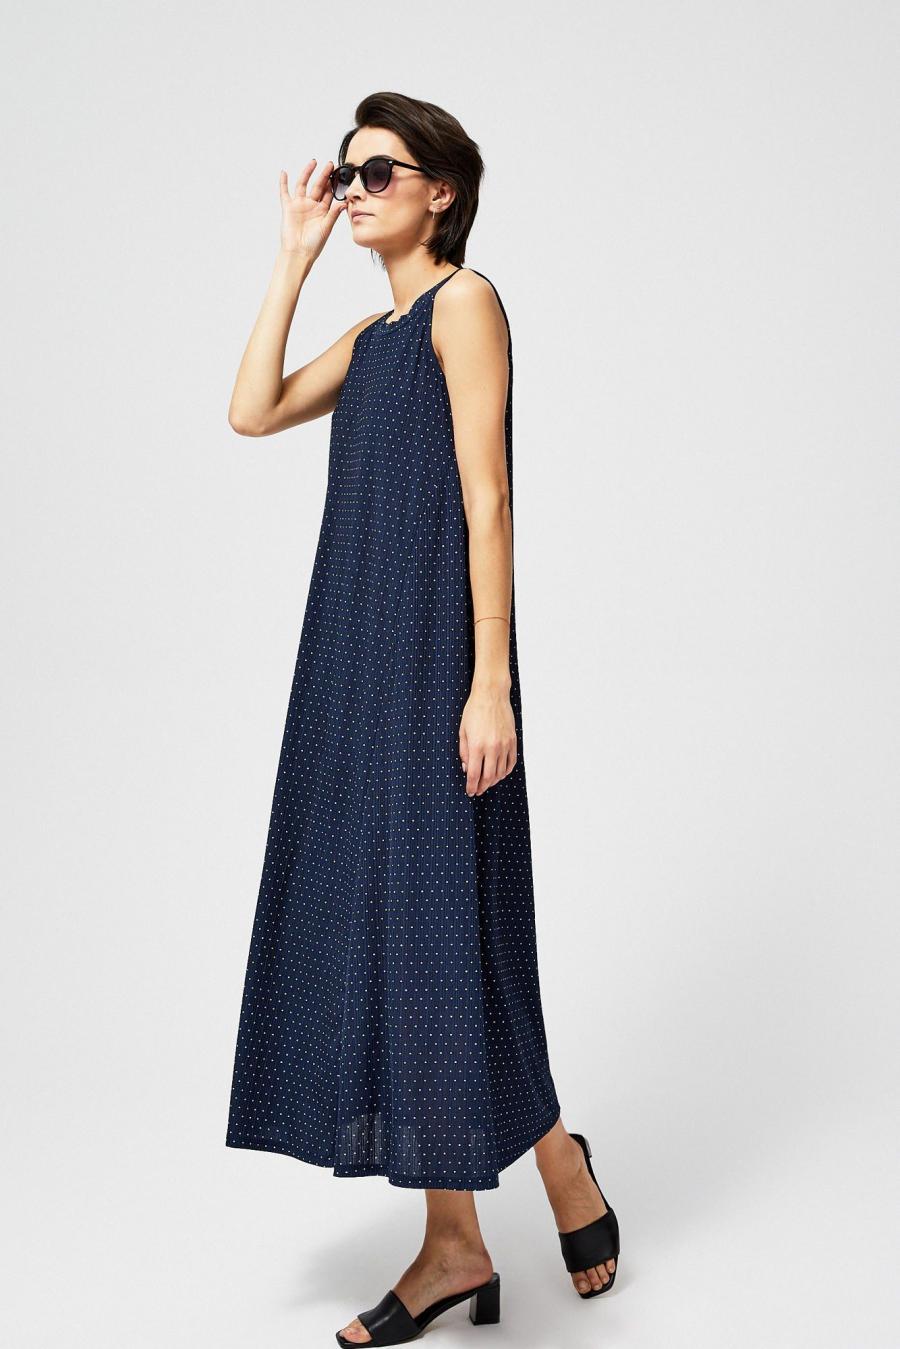 Moodo šaty dámské DALI dlouhé s tečkami - Modrá - velikost XS